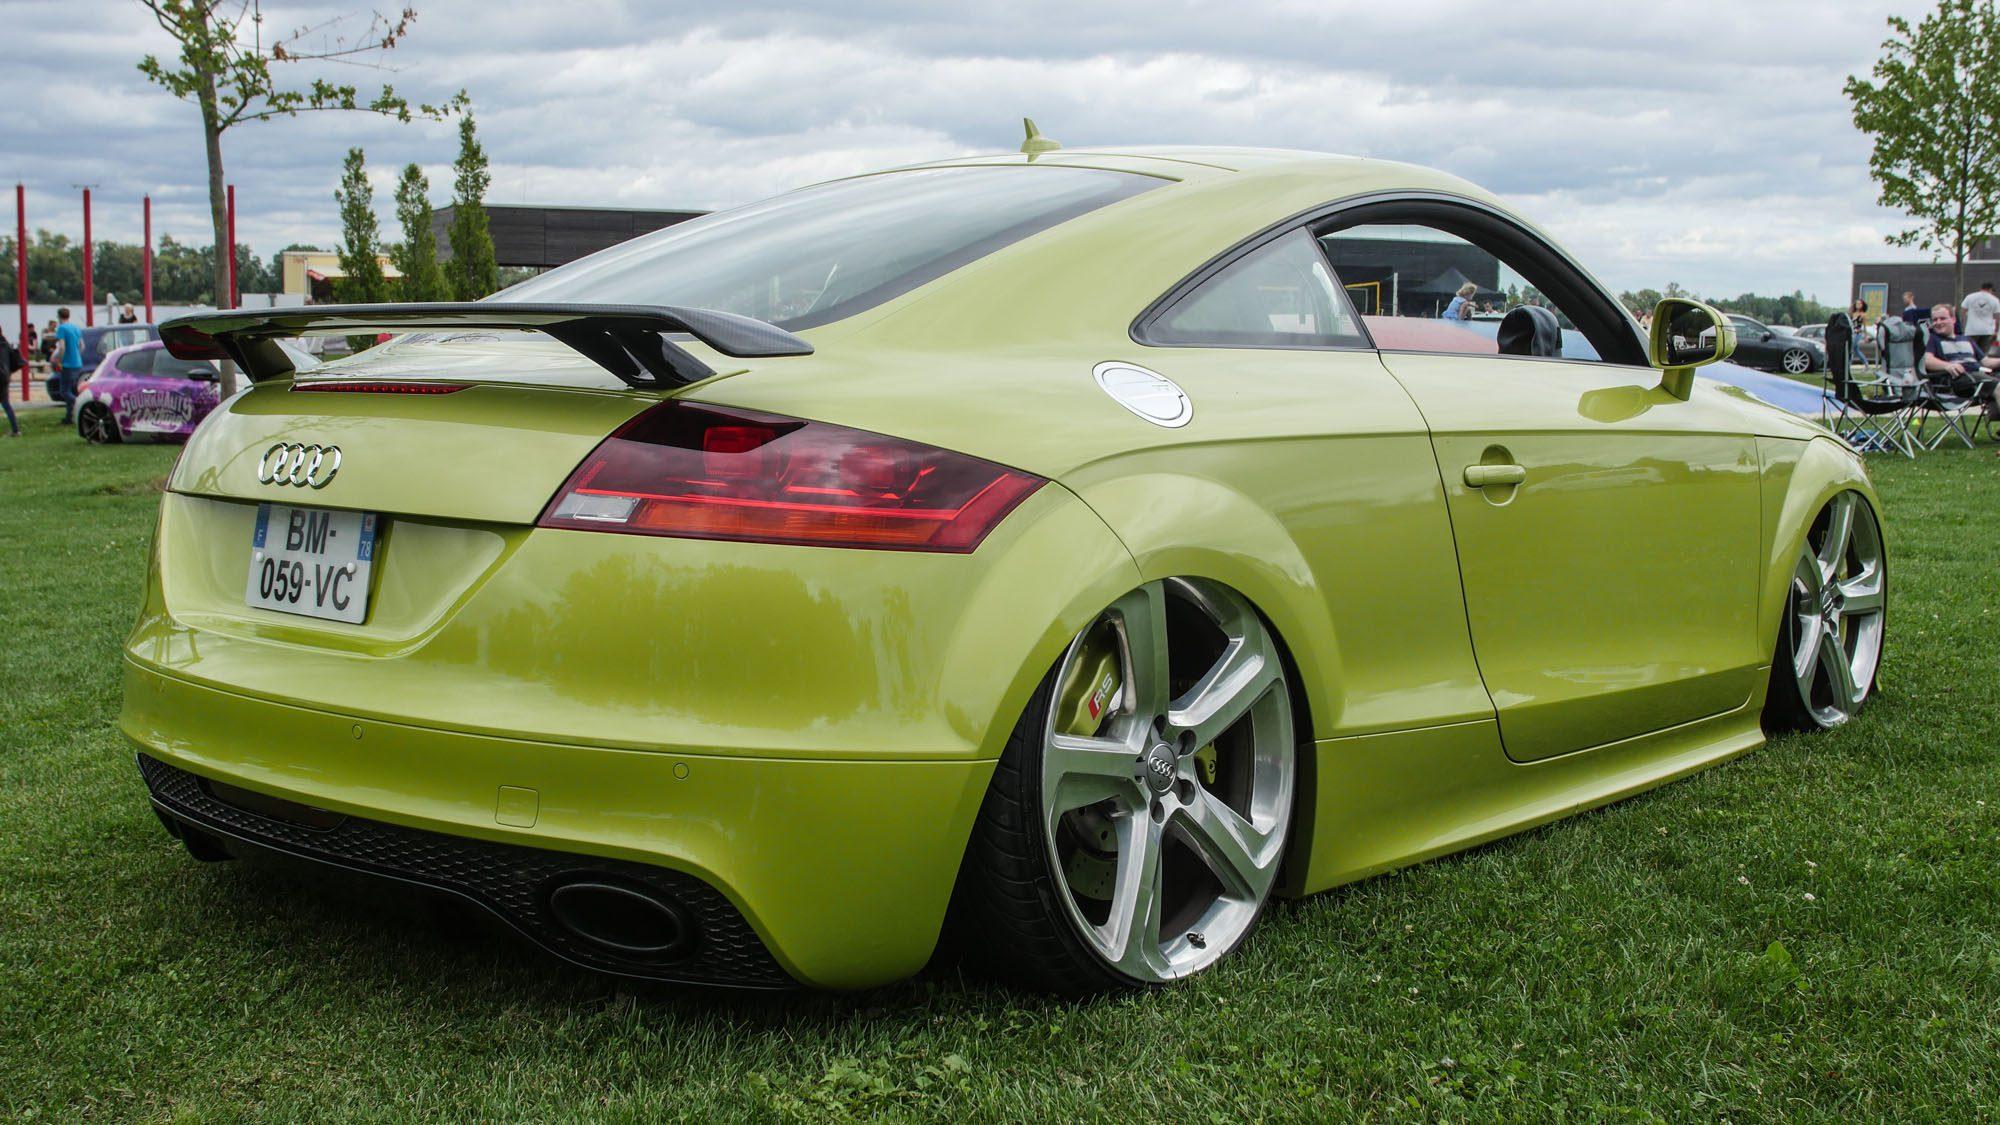 Heckpartie des Audi TT